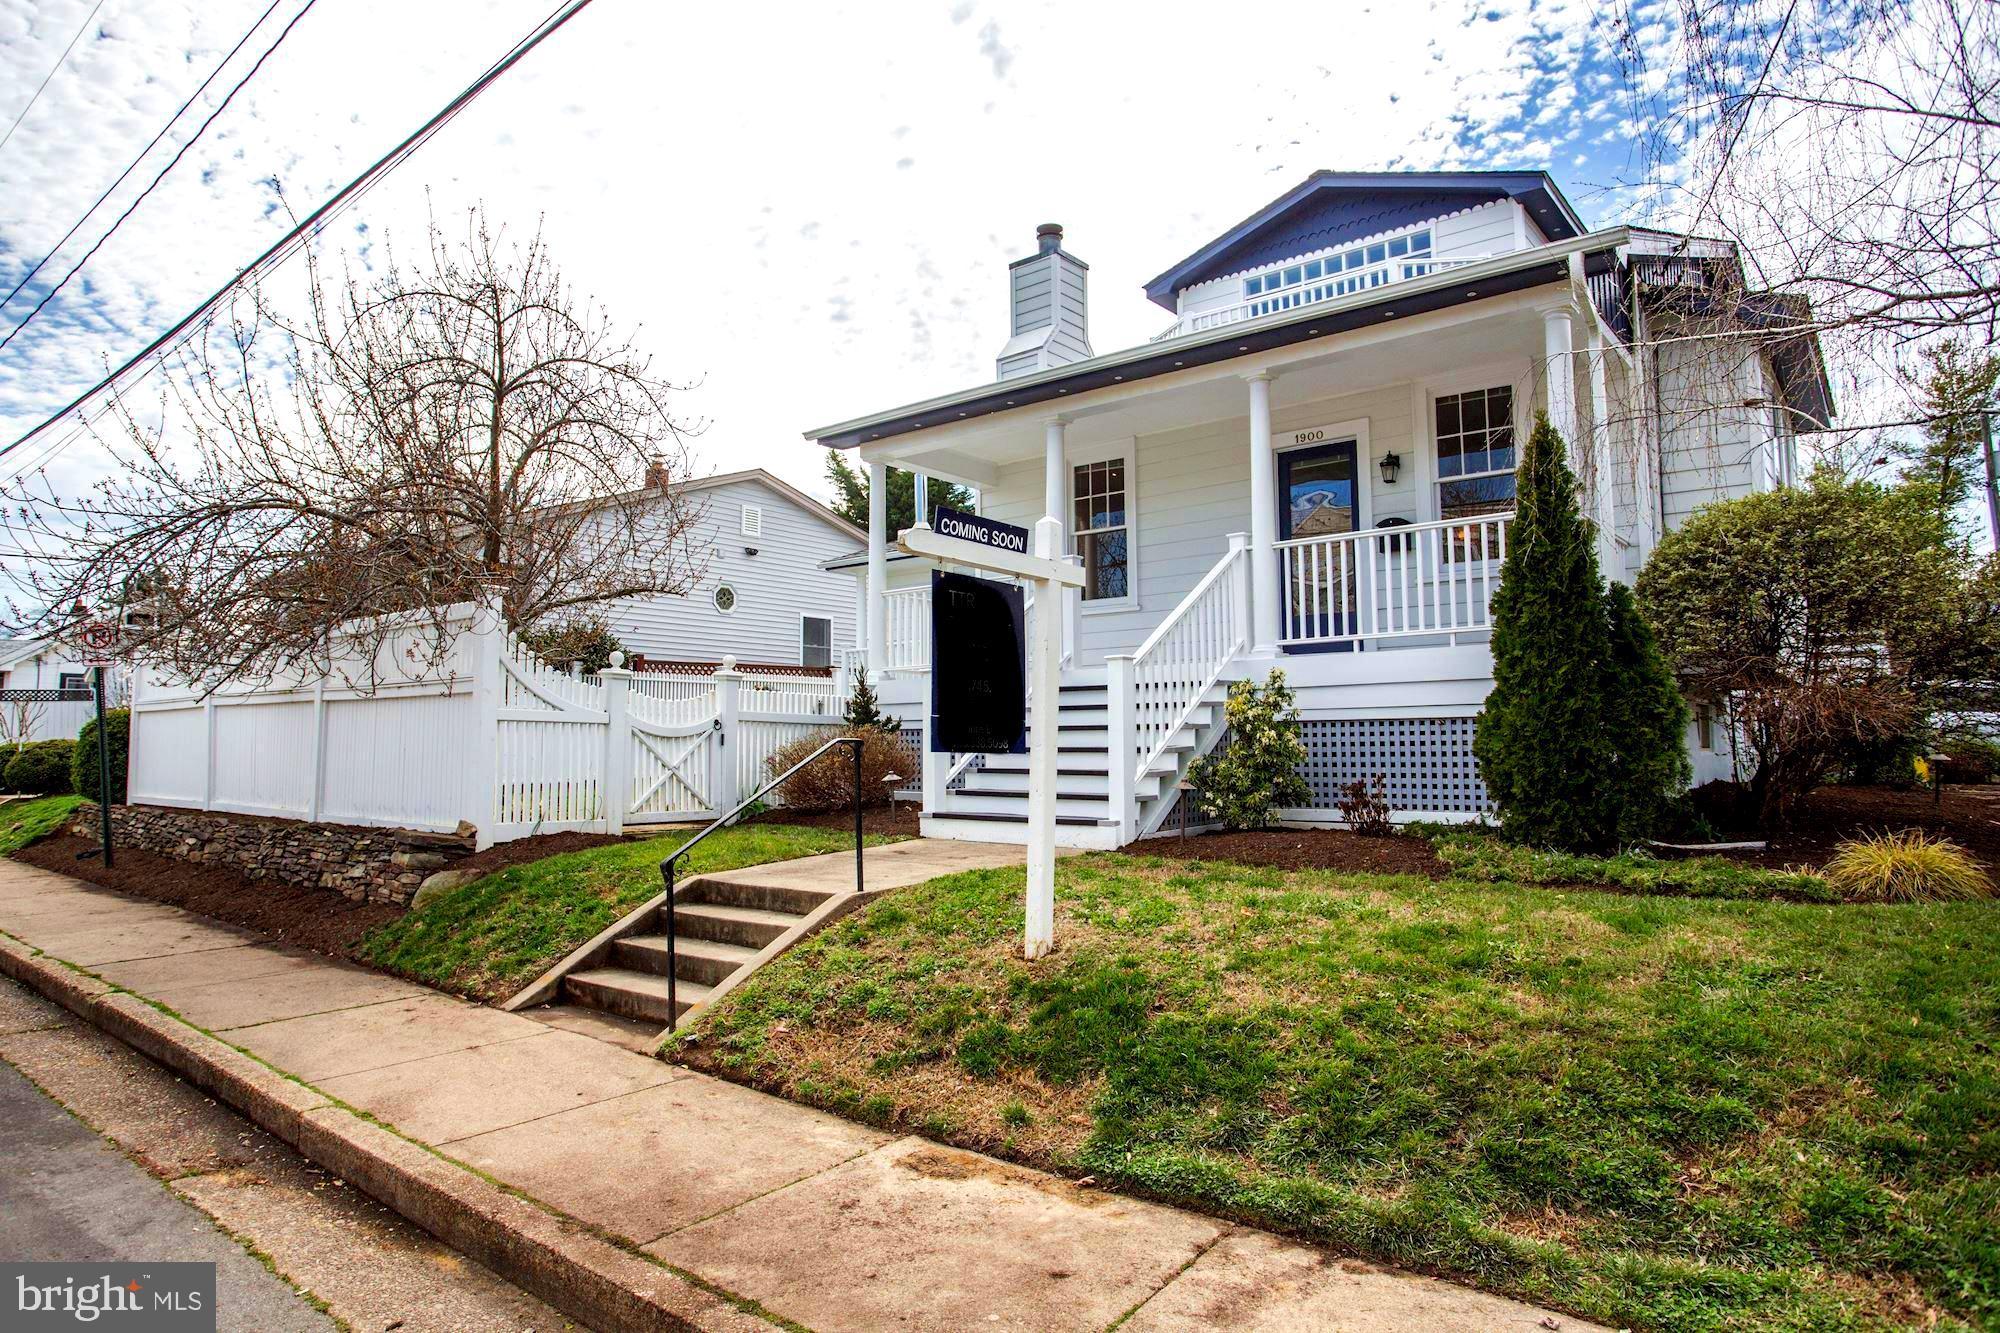 1900 S HAYES STREET, ARLINGTON, VA 22202